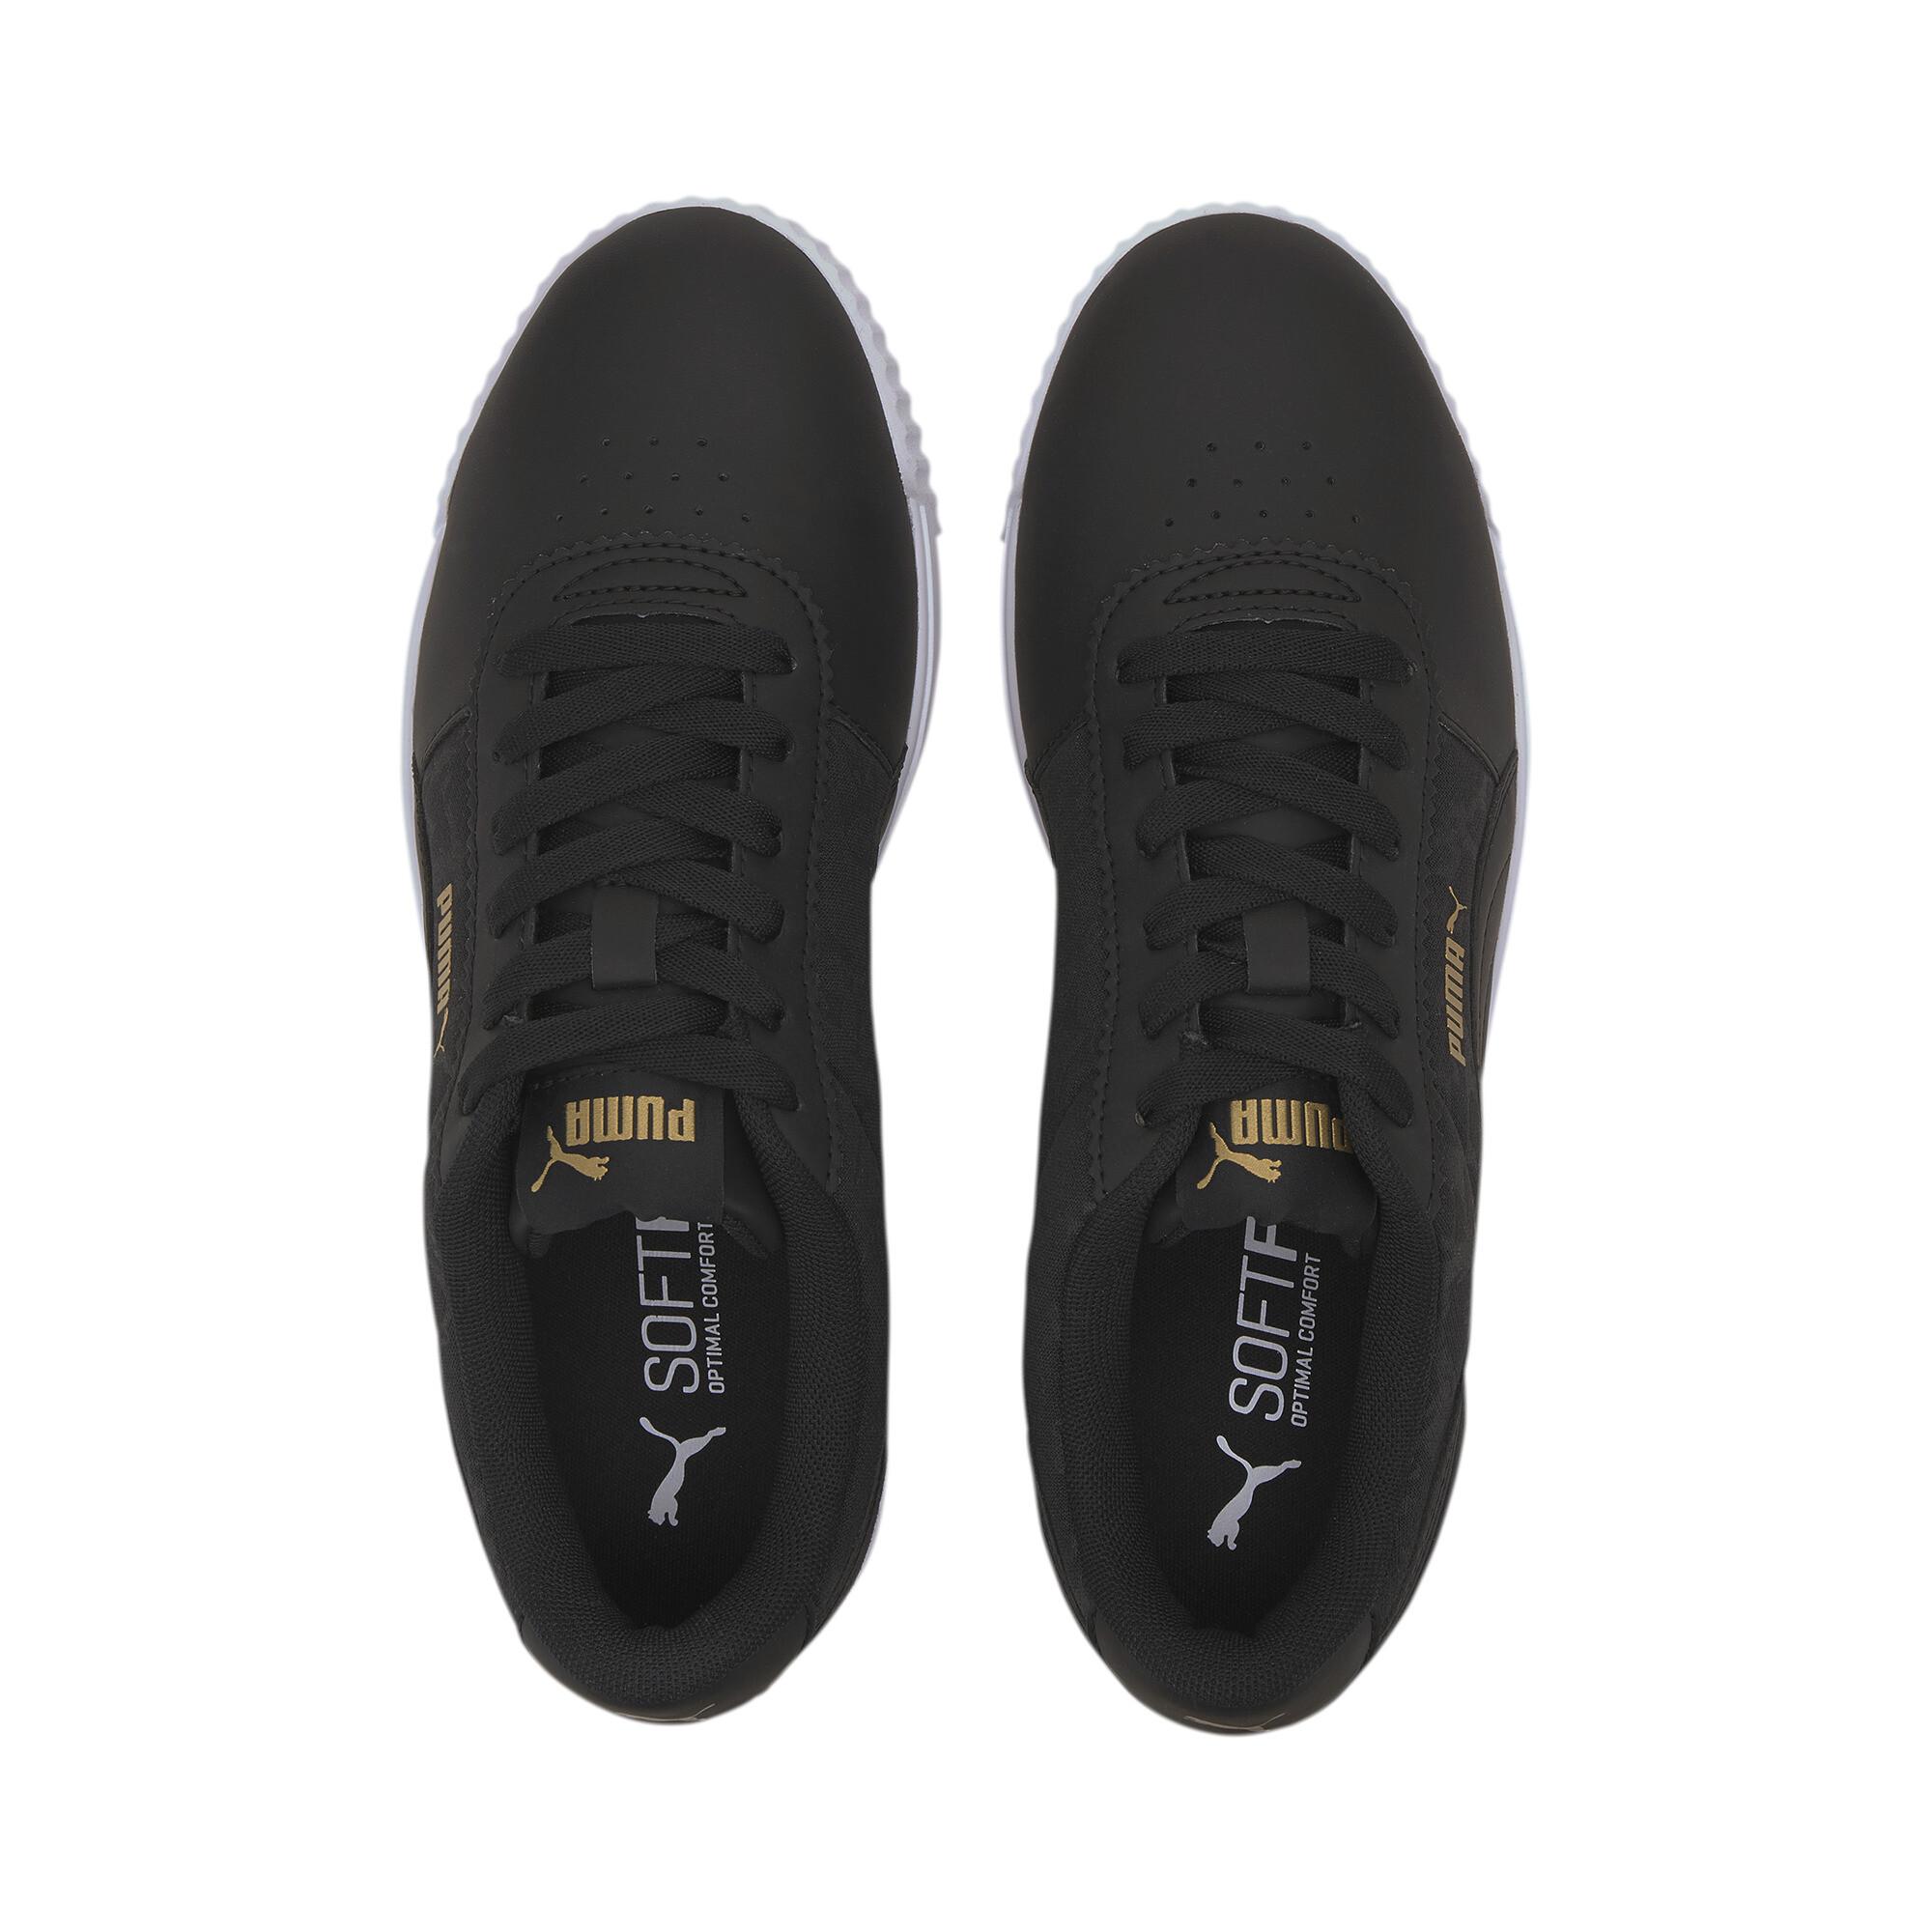 PUMA-Women-039-s-Carina-Slim-Veil-Sneakers thumbnail 15